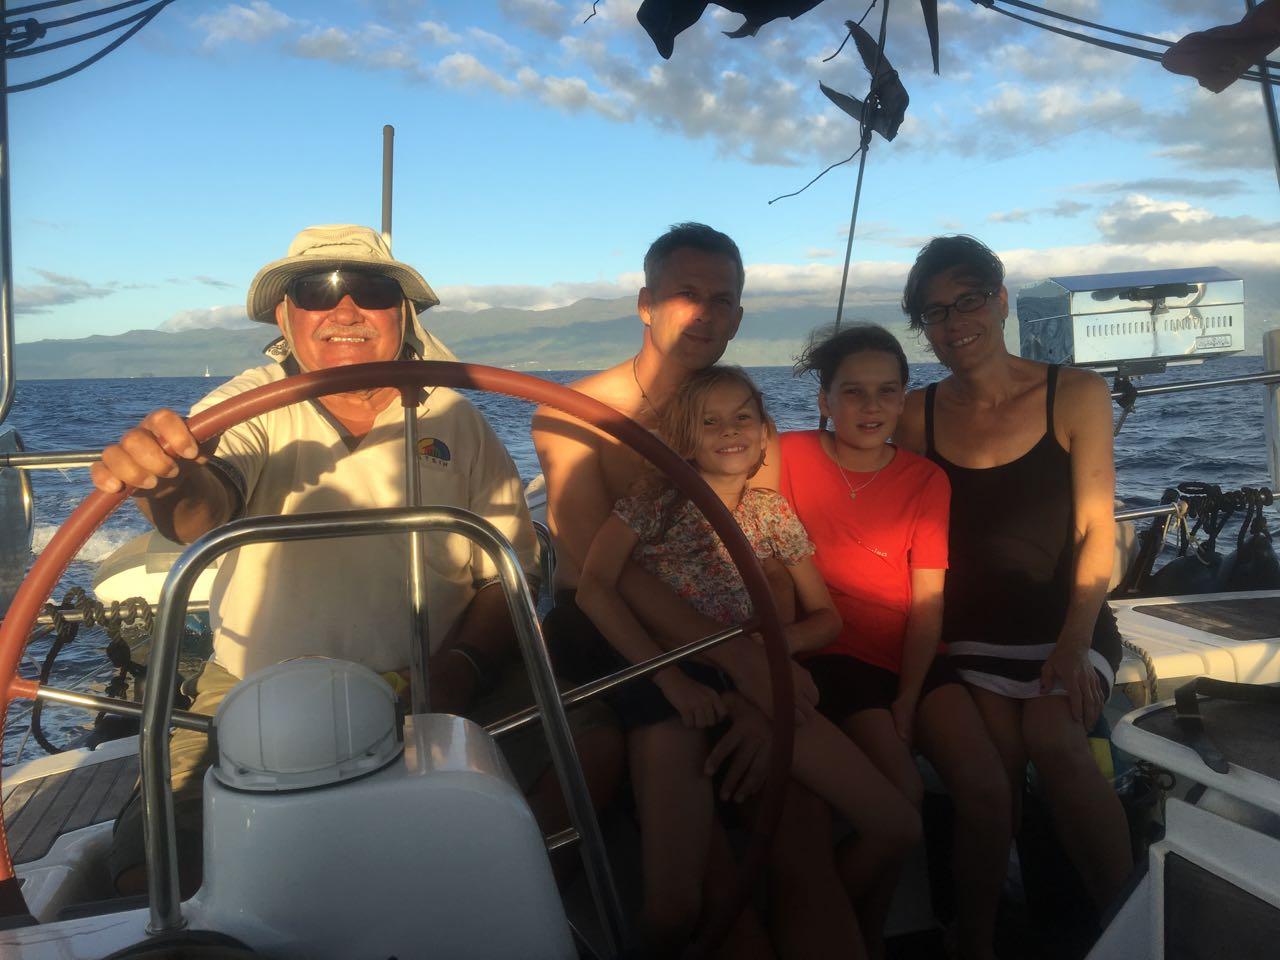 Jack Fisher am Steuer der hapa na sasa nach einem spannenden Tag mit Tauchen und Schnorcheln am Rainbow Reef